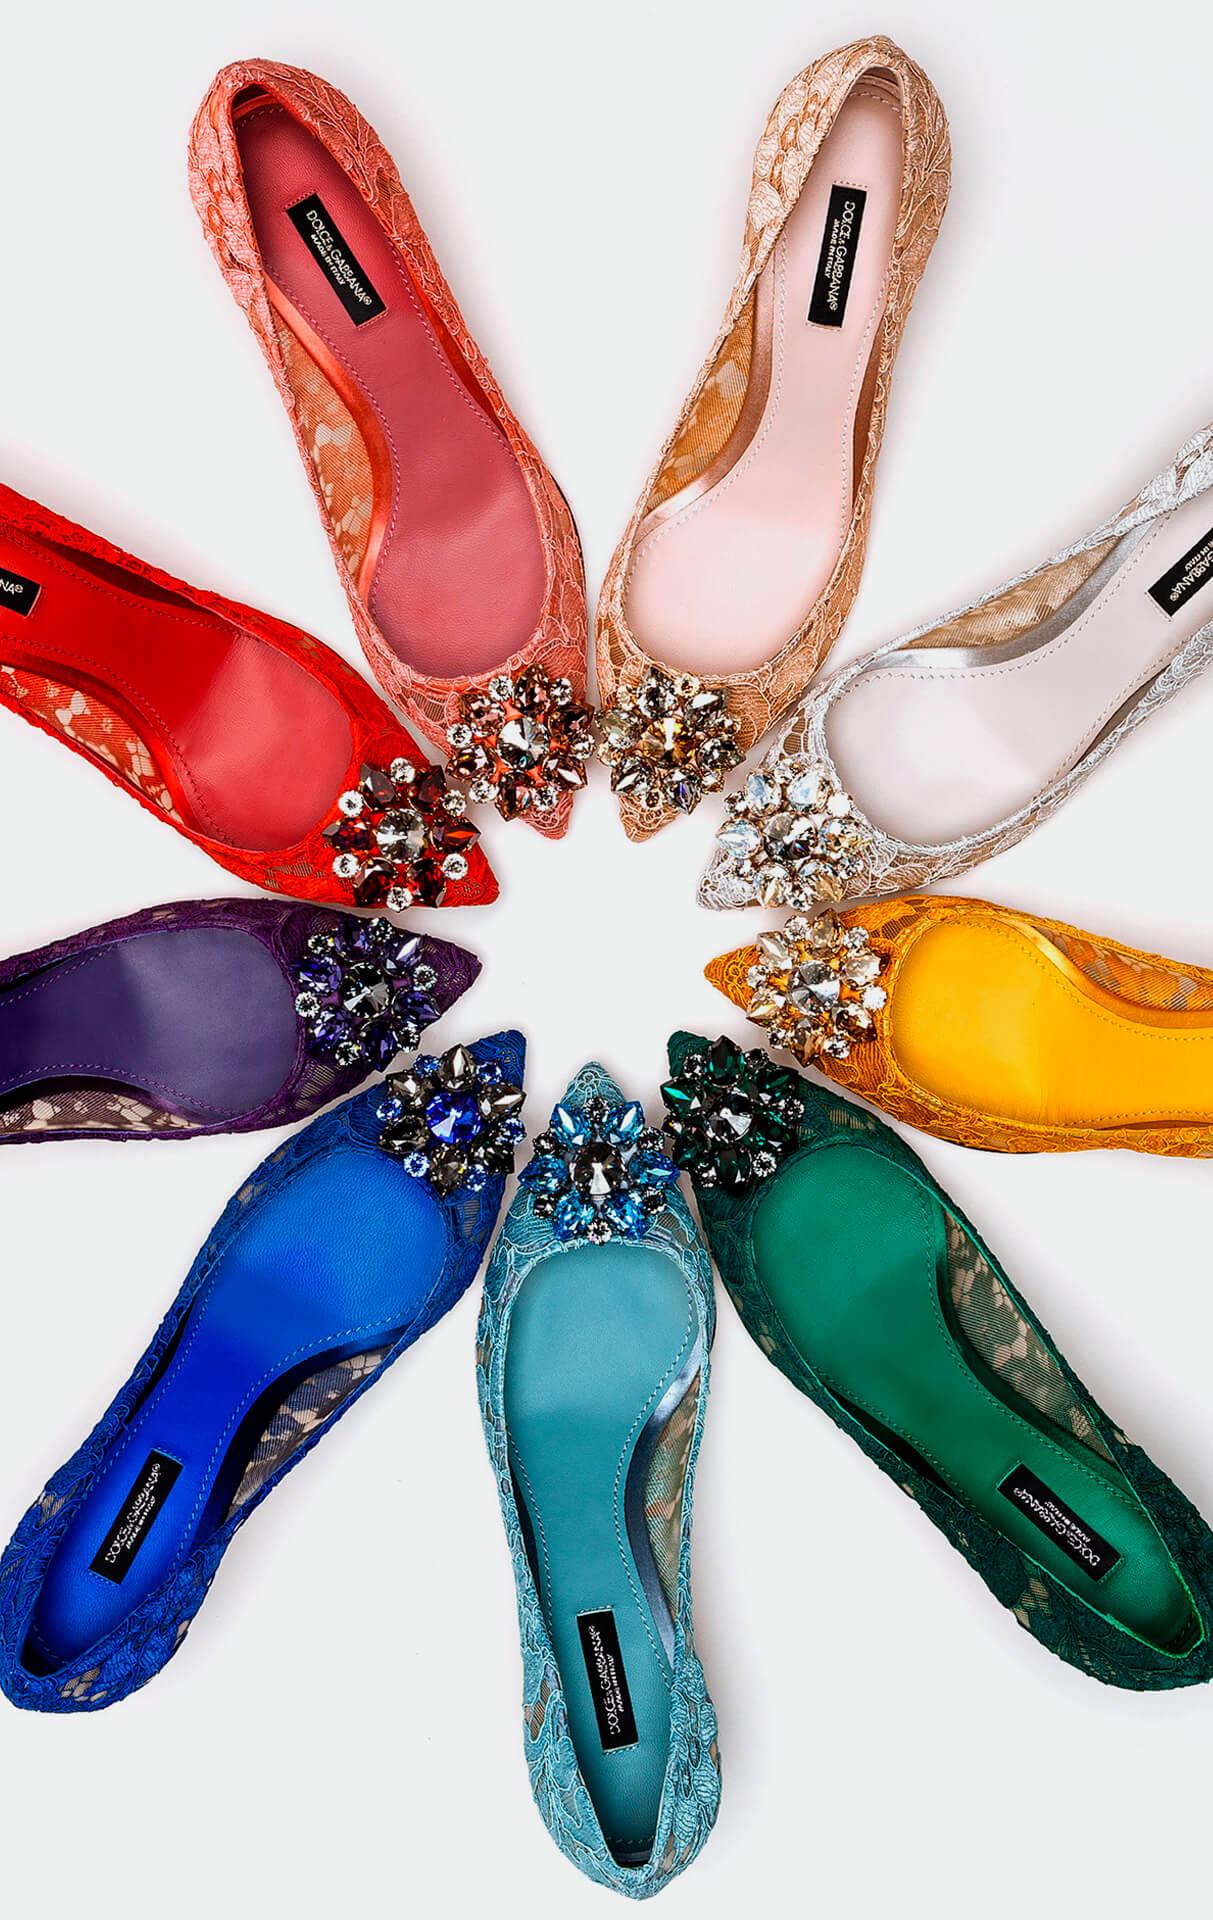 Da DonnaDolce amp;gabbana LaceScarpe Rainbow Da DonnaDolce Da Rainbow amp;gabbana Rainbow LaceScarpe DonnaDolce LaceScarpe 1lFJcK